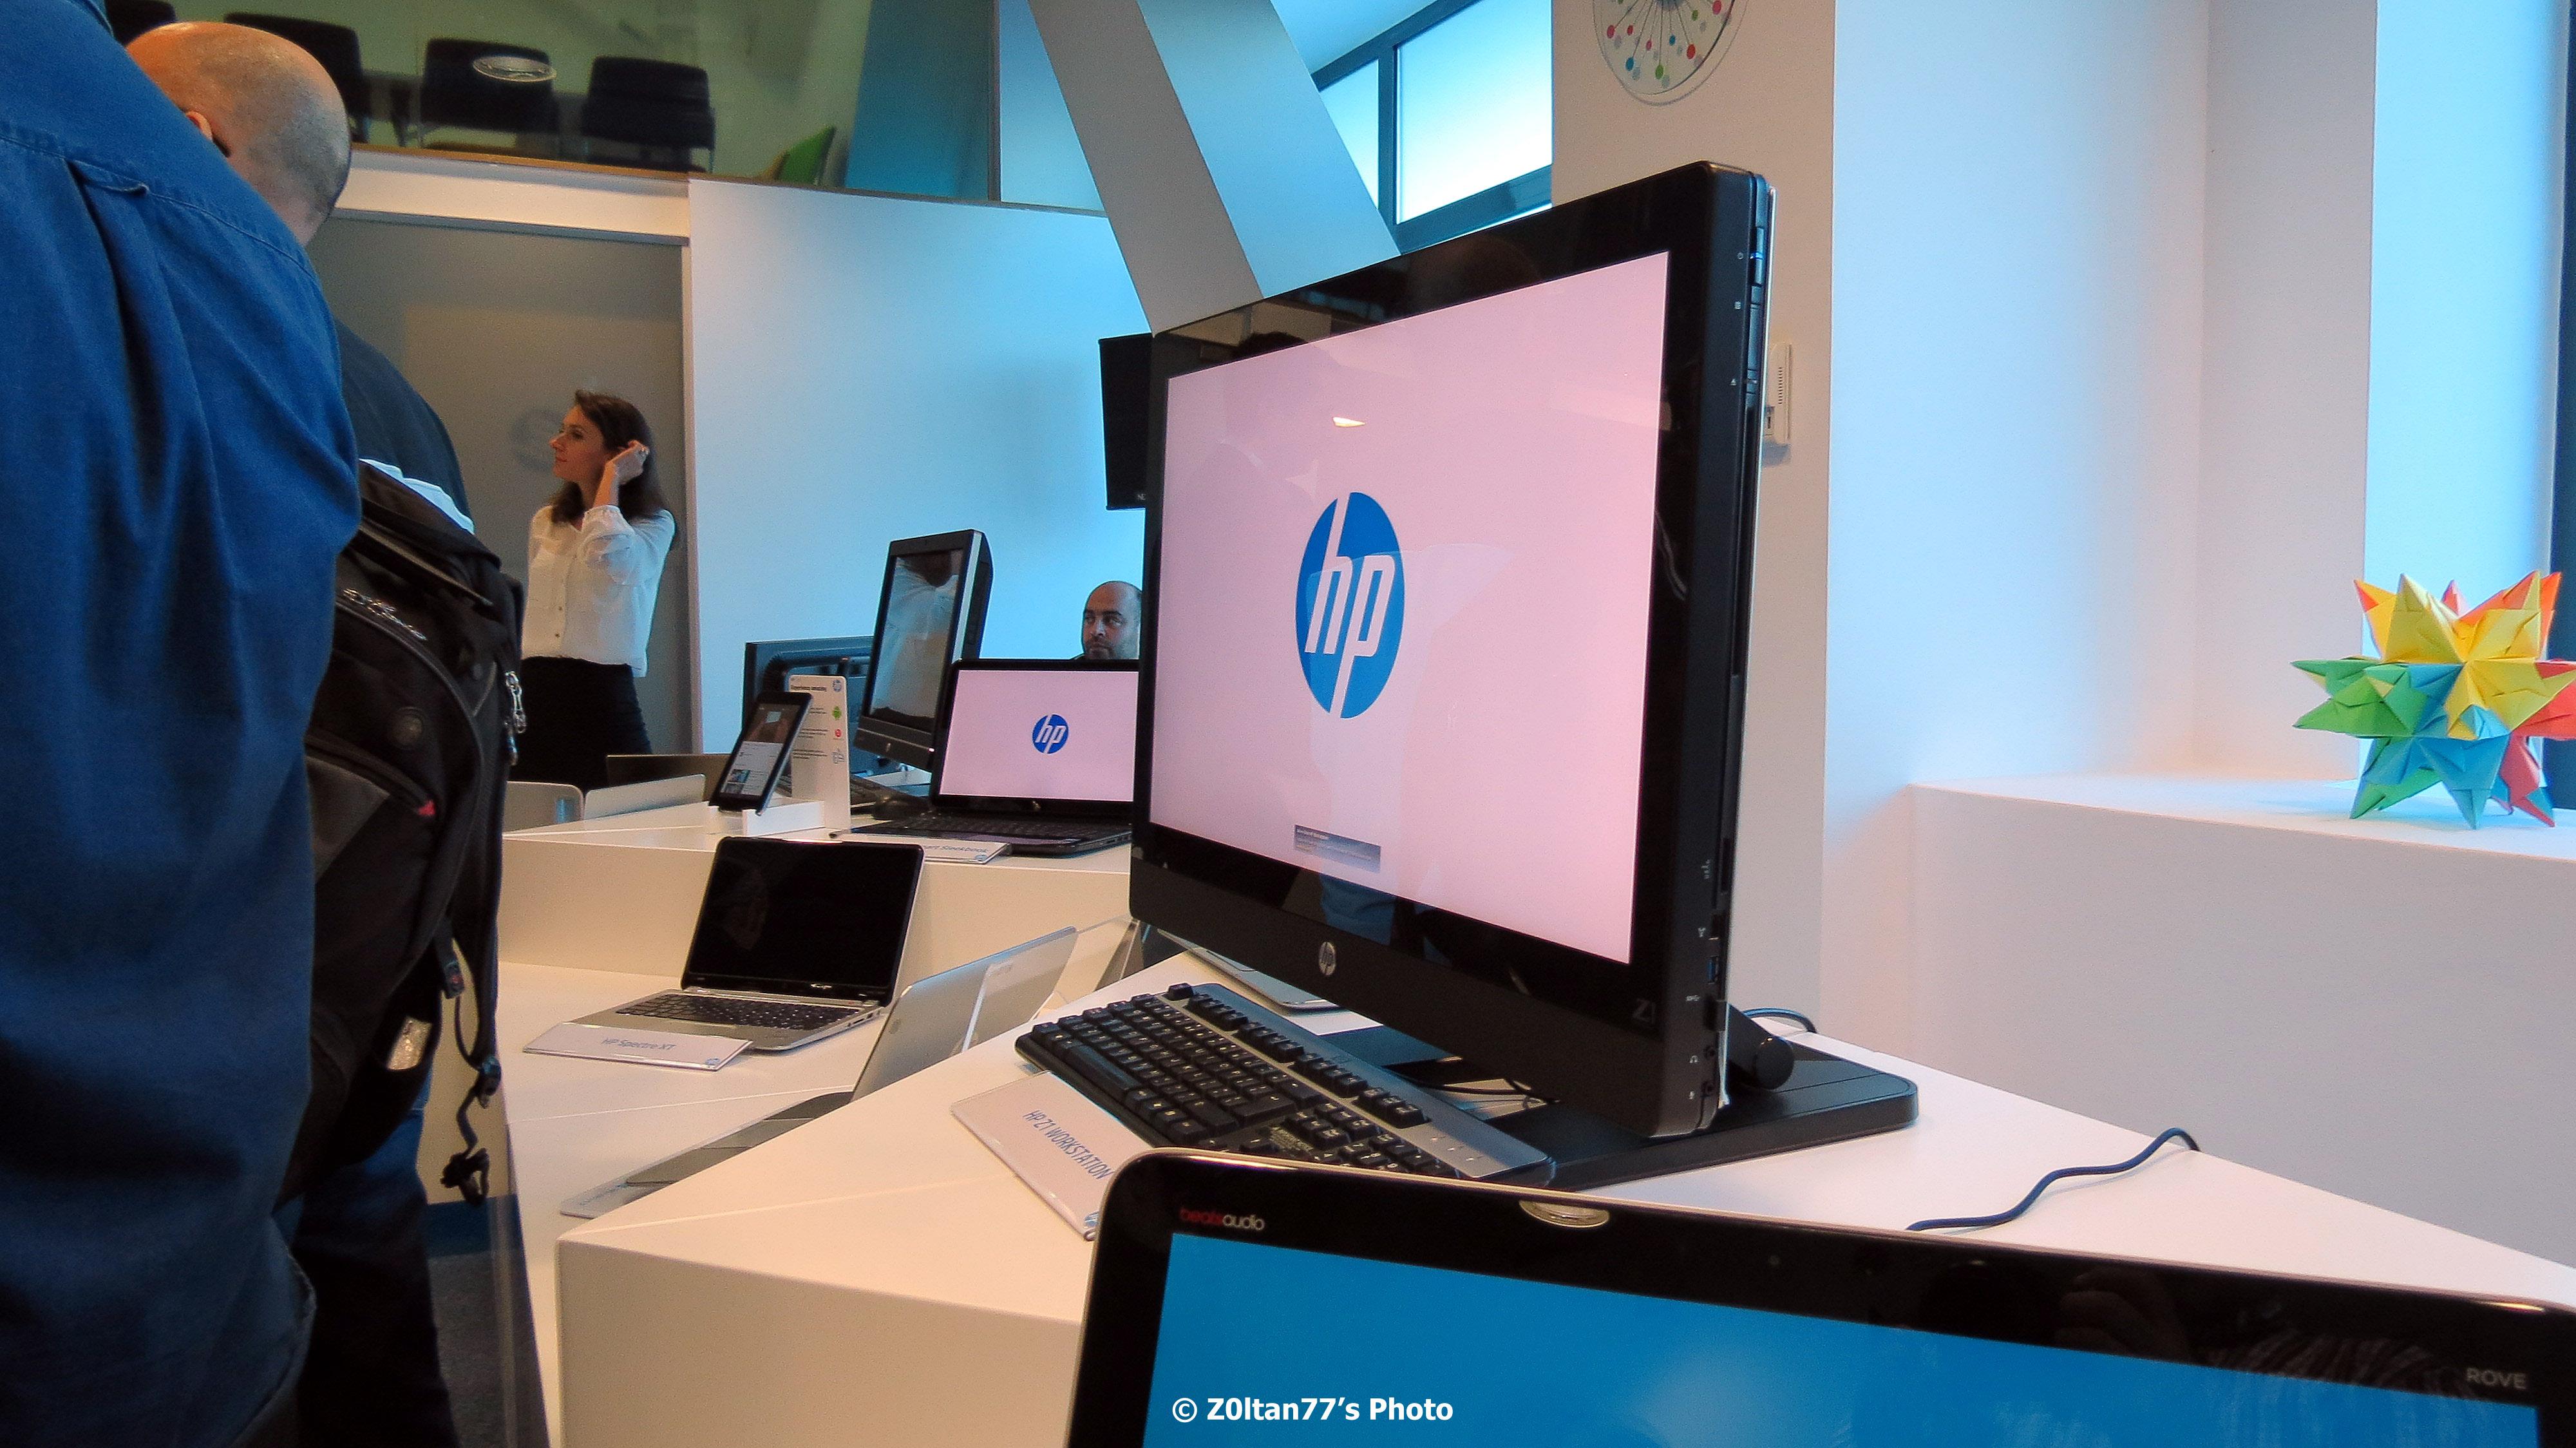 Compania Hp A Deschis In Bucuresti Centrul De Prezentare